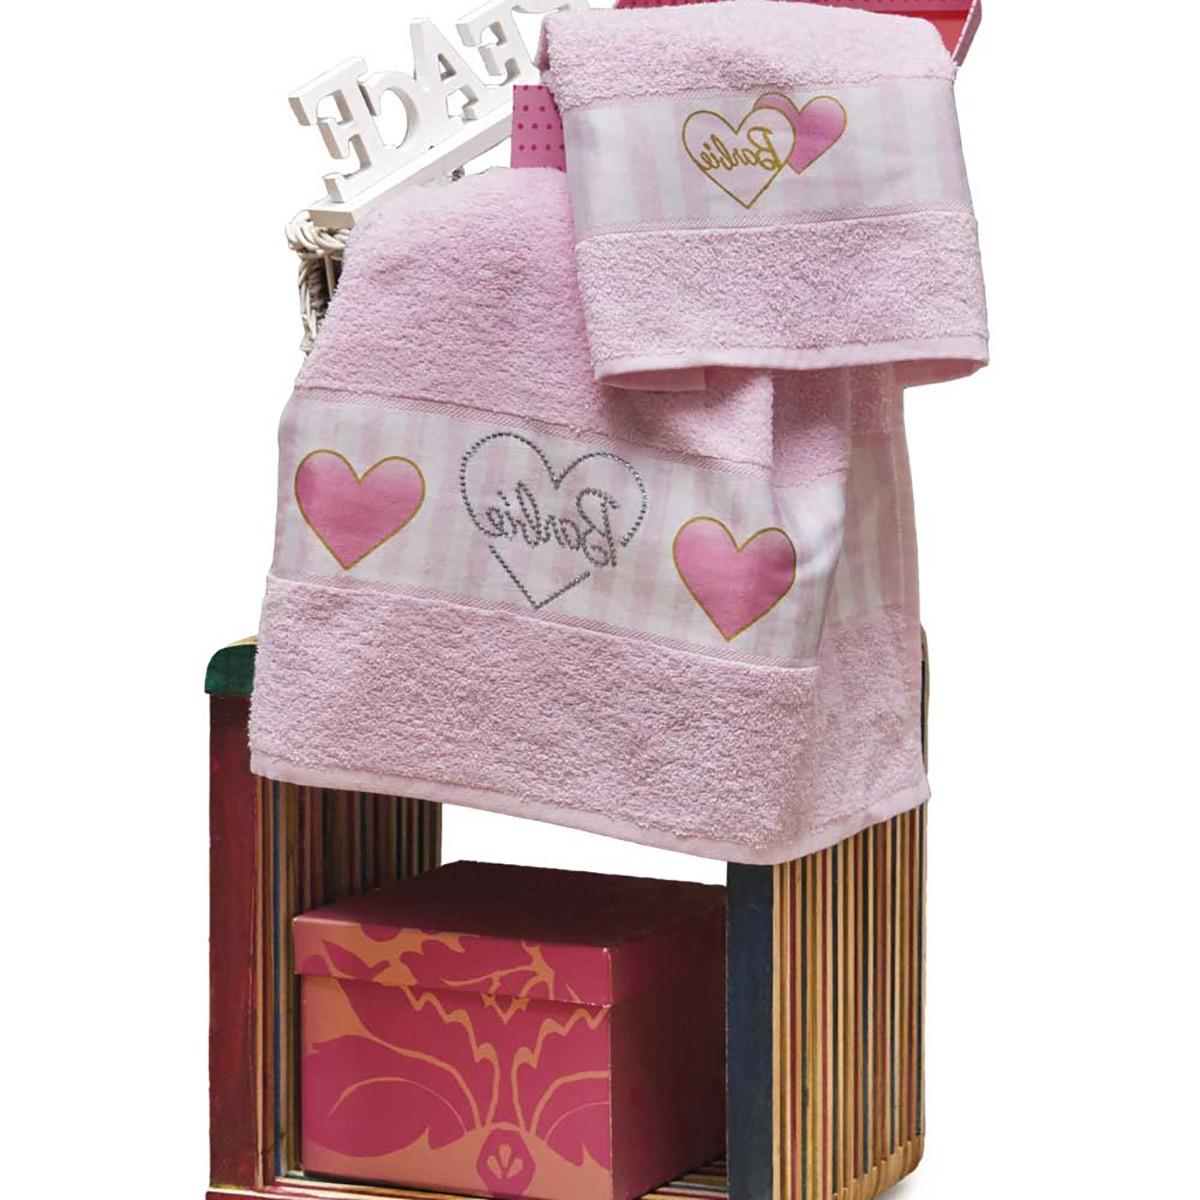 Παιδικές Πετσέτες (Σετ 2τμχ) Kentia Kids Barbie 050